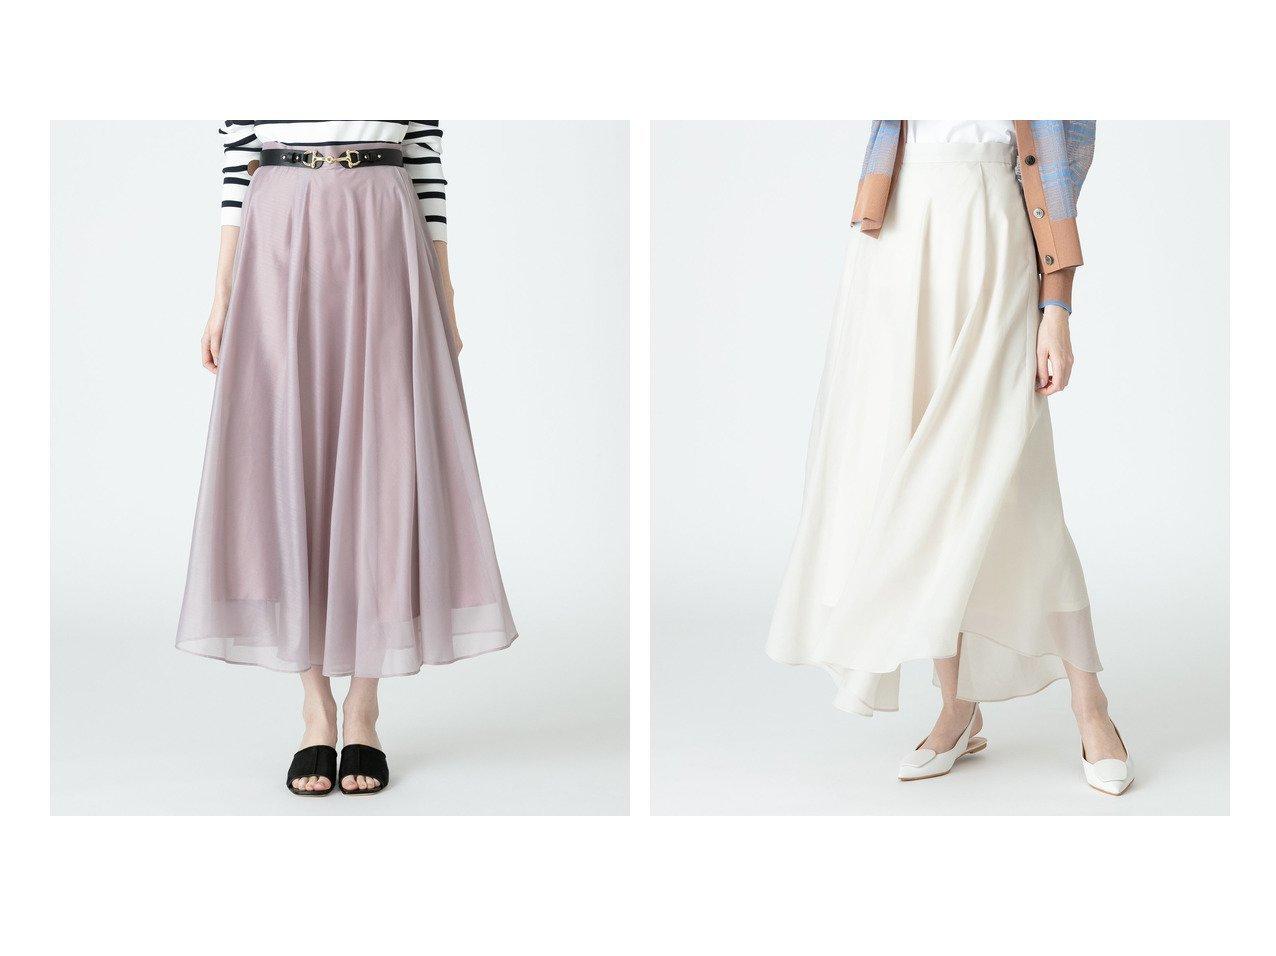 【allureville/アルアバイル】のシアーフレアスカート 【スカート】おすすめ!人気、トレンド・レディースファッションの通販 おすすめで人気の流行・トレンド、ファッションの通販商品 メンズファッション・キッズファッション・インテリア・家具・レディースファッション・服の通販 founy(ファニー) https://founy.com/ ファッション Fashion レディースファッション WOMEN スカート Skirt Aライン/フレアスカート Flared A-Line Skirts NEW・新作・新着・新入荷 New Arrivals エアリー ギャザー フレア |ID:crp329100000029126